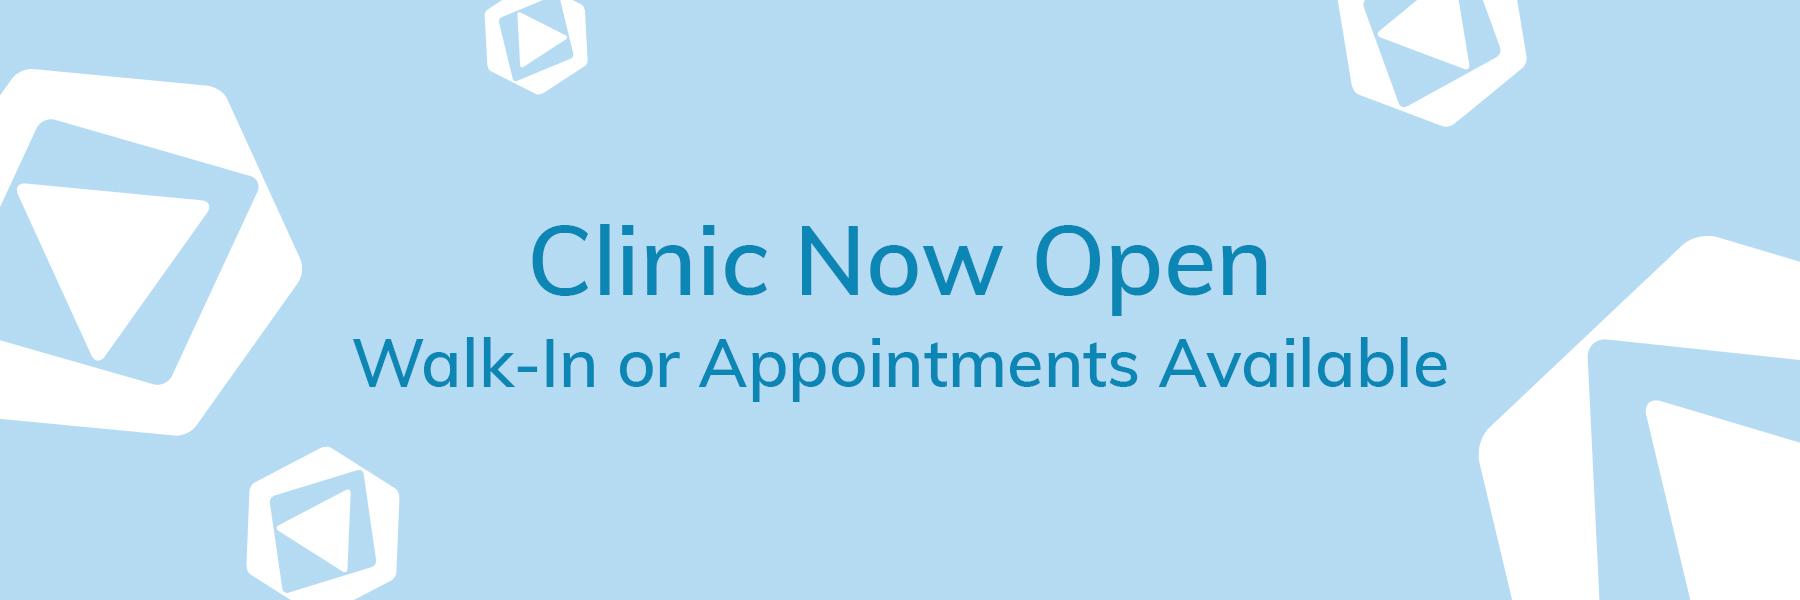 ClinicNowOpen2.jpg